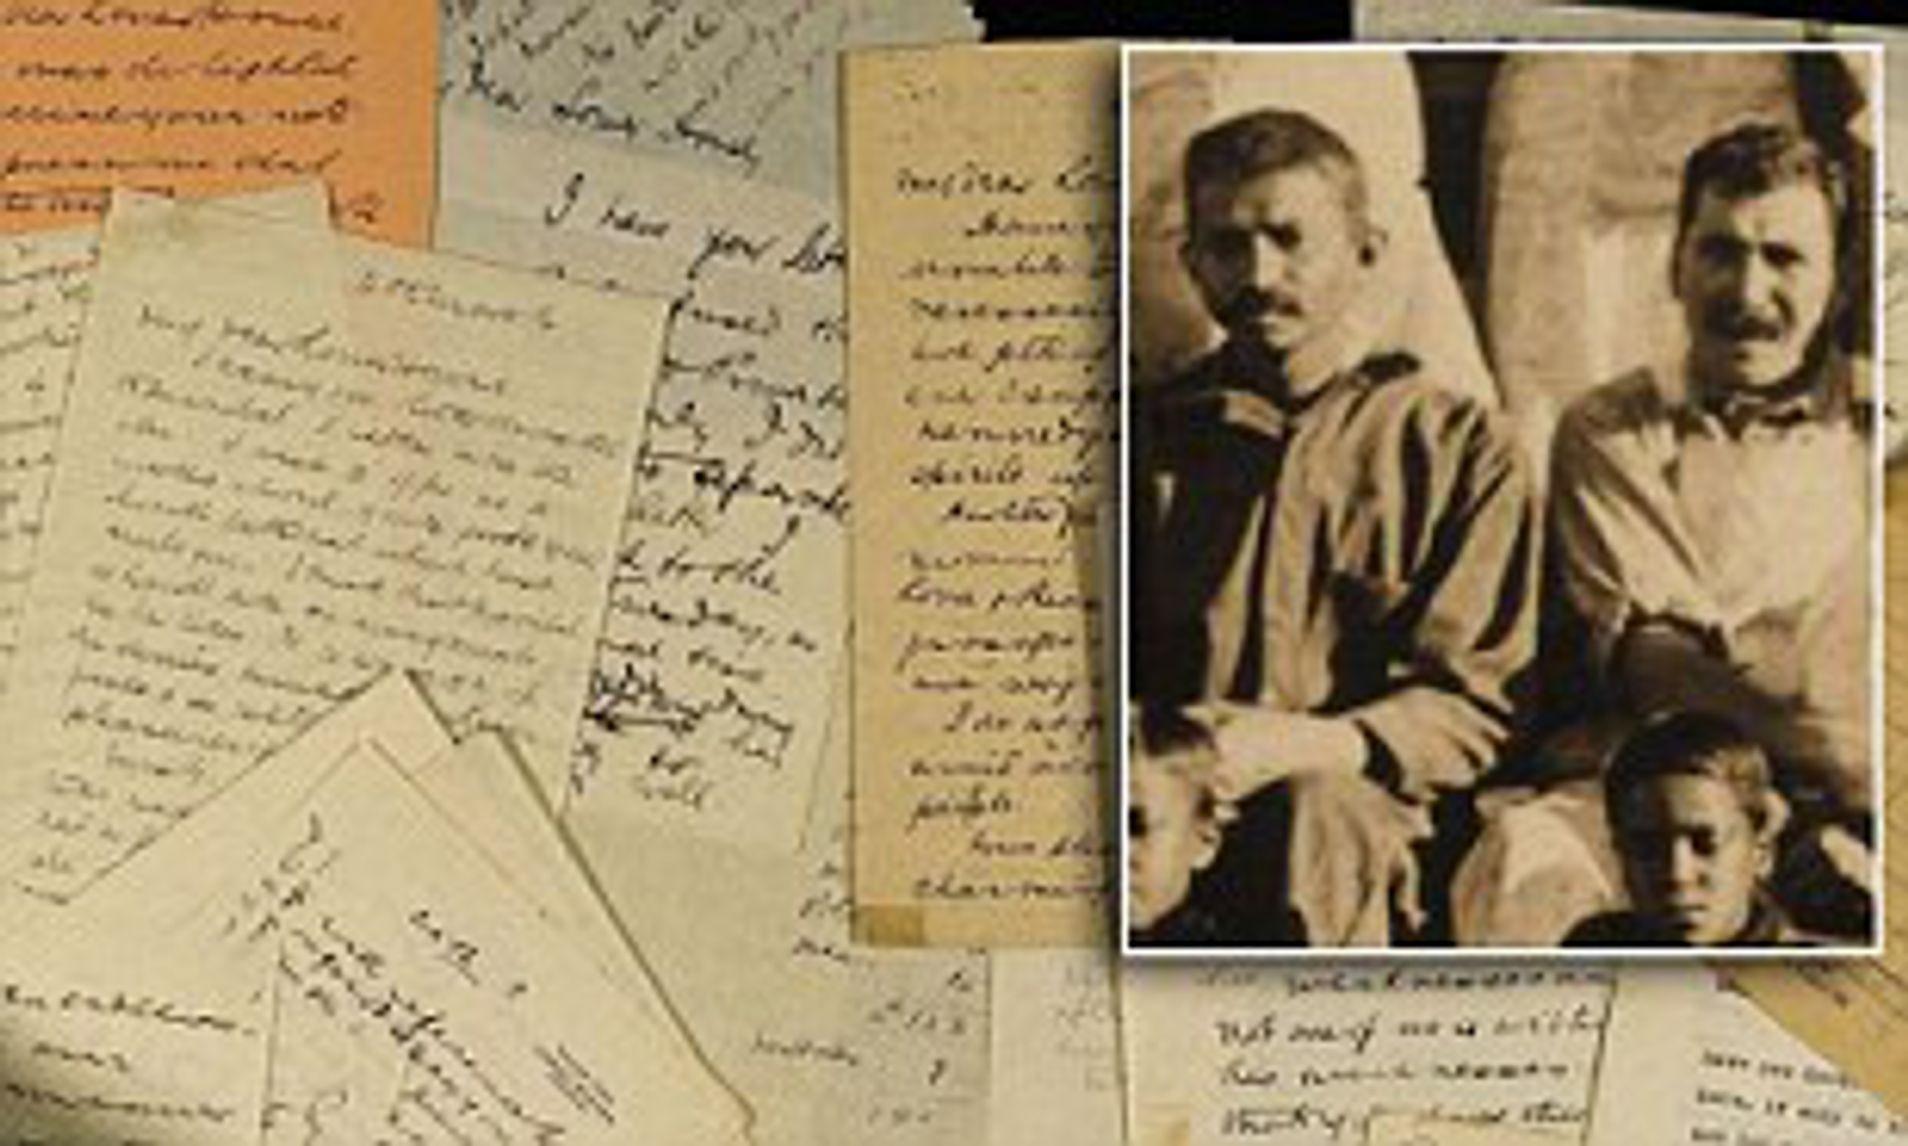 Mahatma Gandhi cartas de amor con otro hombre